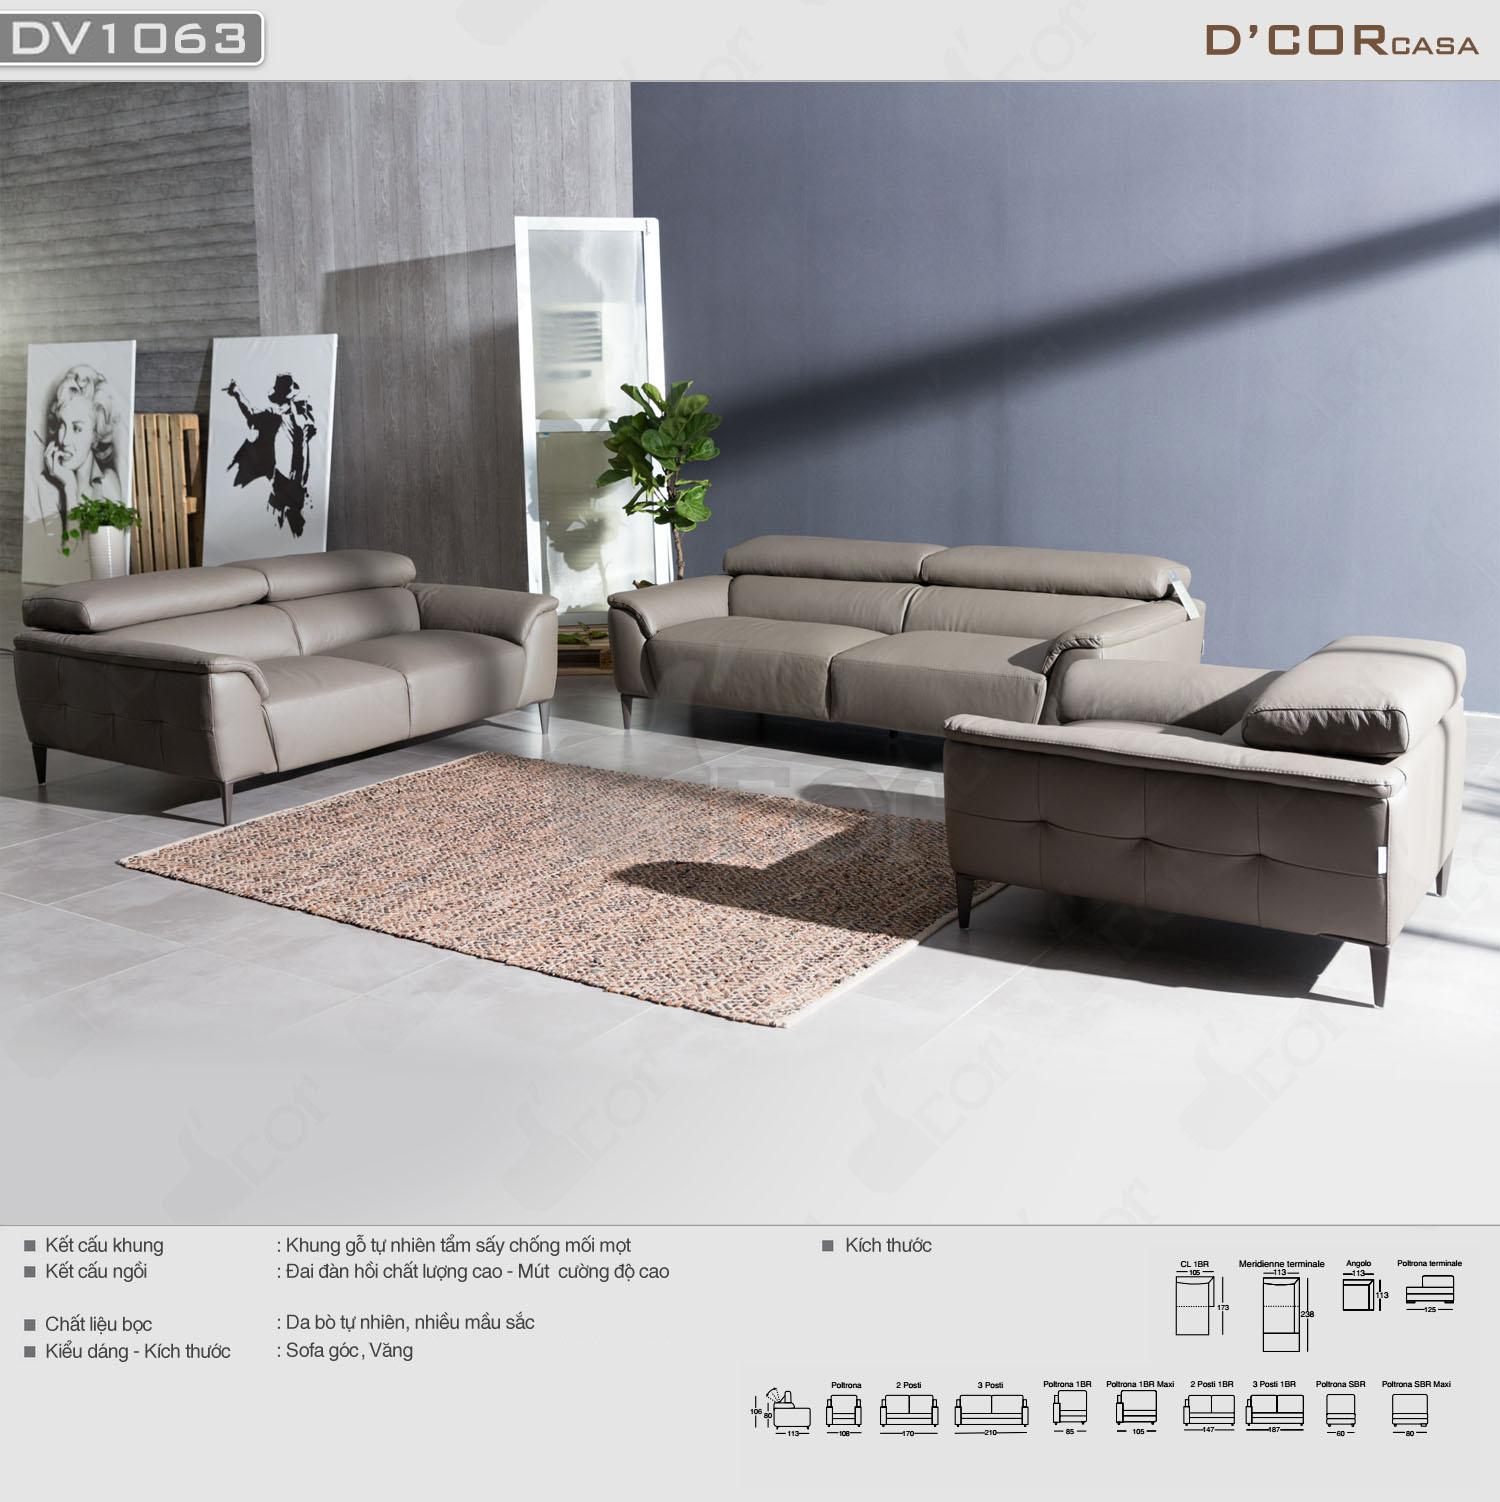 Xu hướng sofa đẹp năm 2021